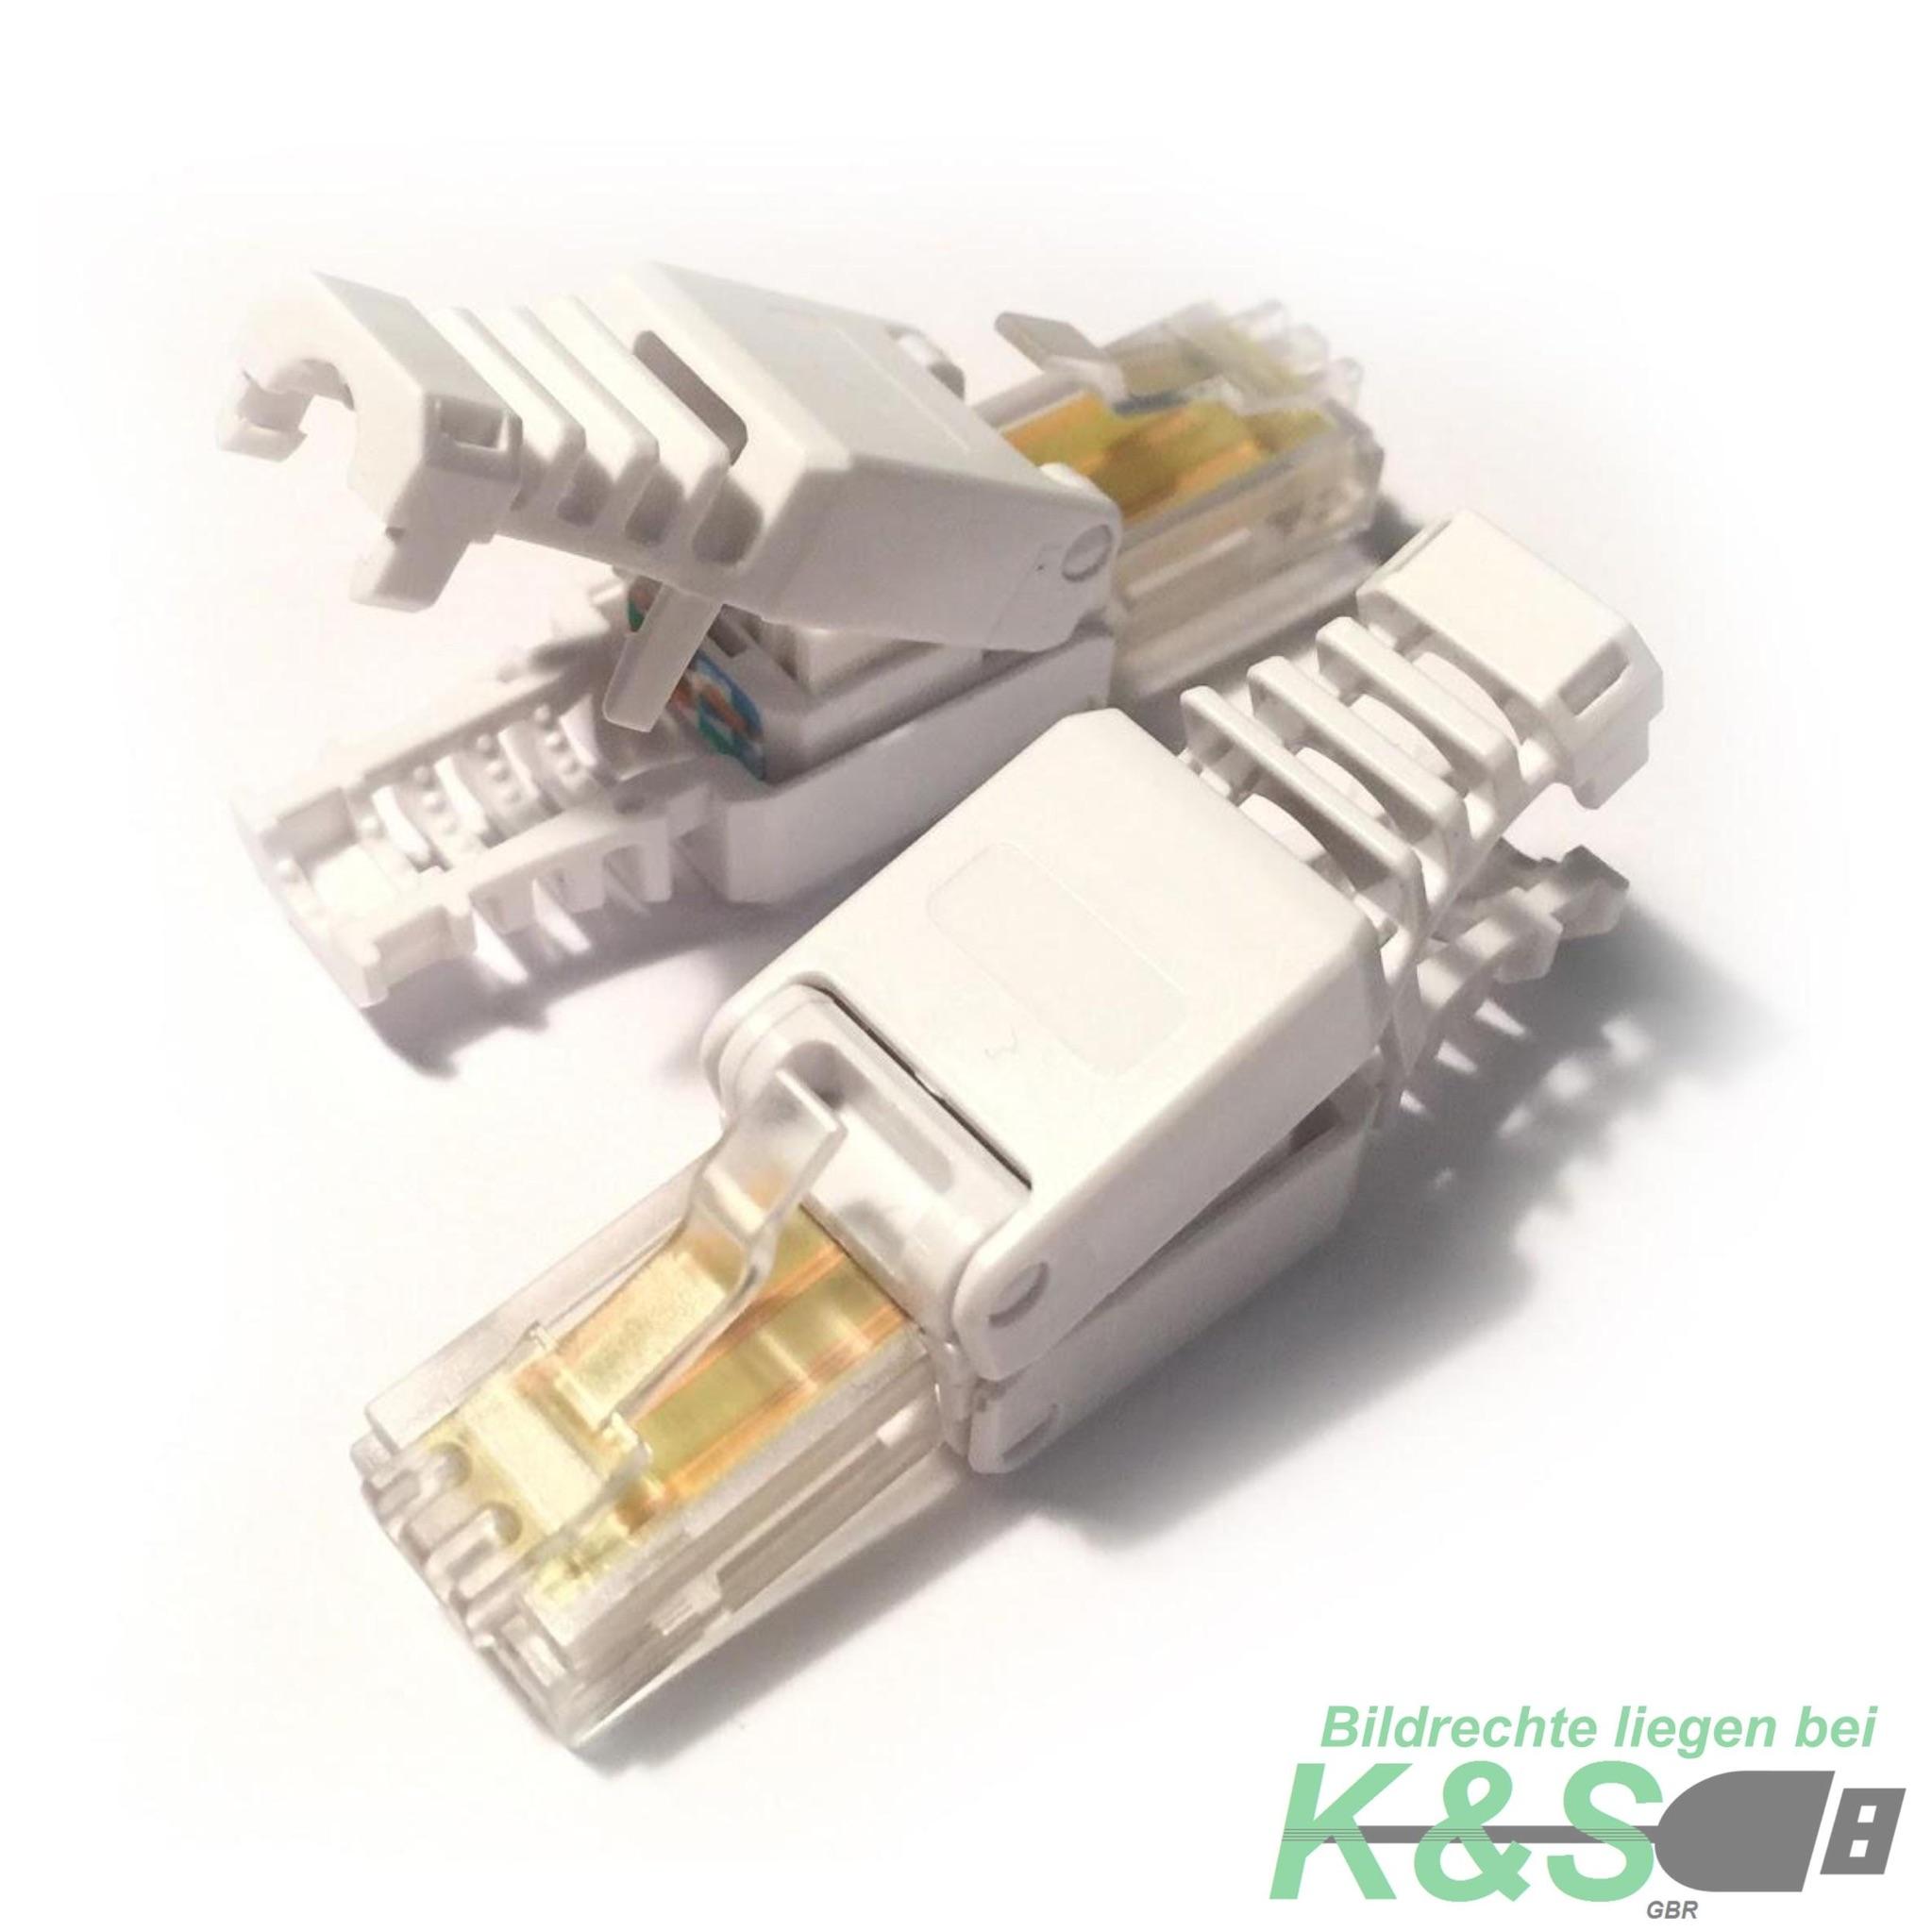 K&S RJ45 Stecker Werkzeuglos CAT5 CAT6 1Gbit UTP für Netzwerk LAN ...